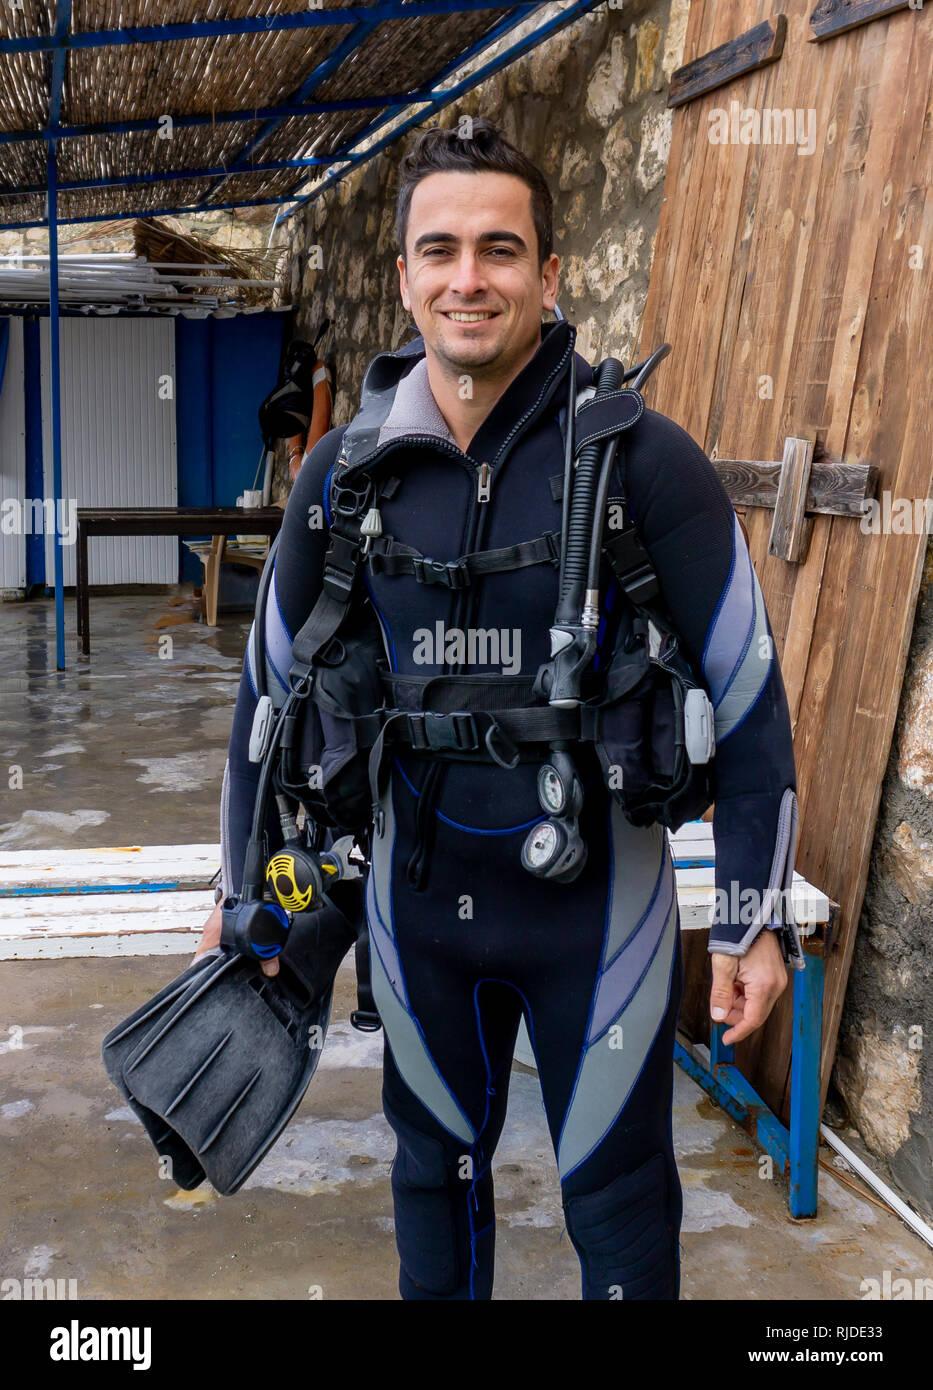 Portrait d'un jeune homme séduisant diver prêt à faire de la plongée avec de l'eau froide combinaison, palmes, gilet stabilisateur, détendeur, source d'air de secours Photo Stock